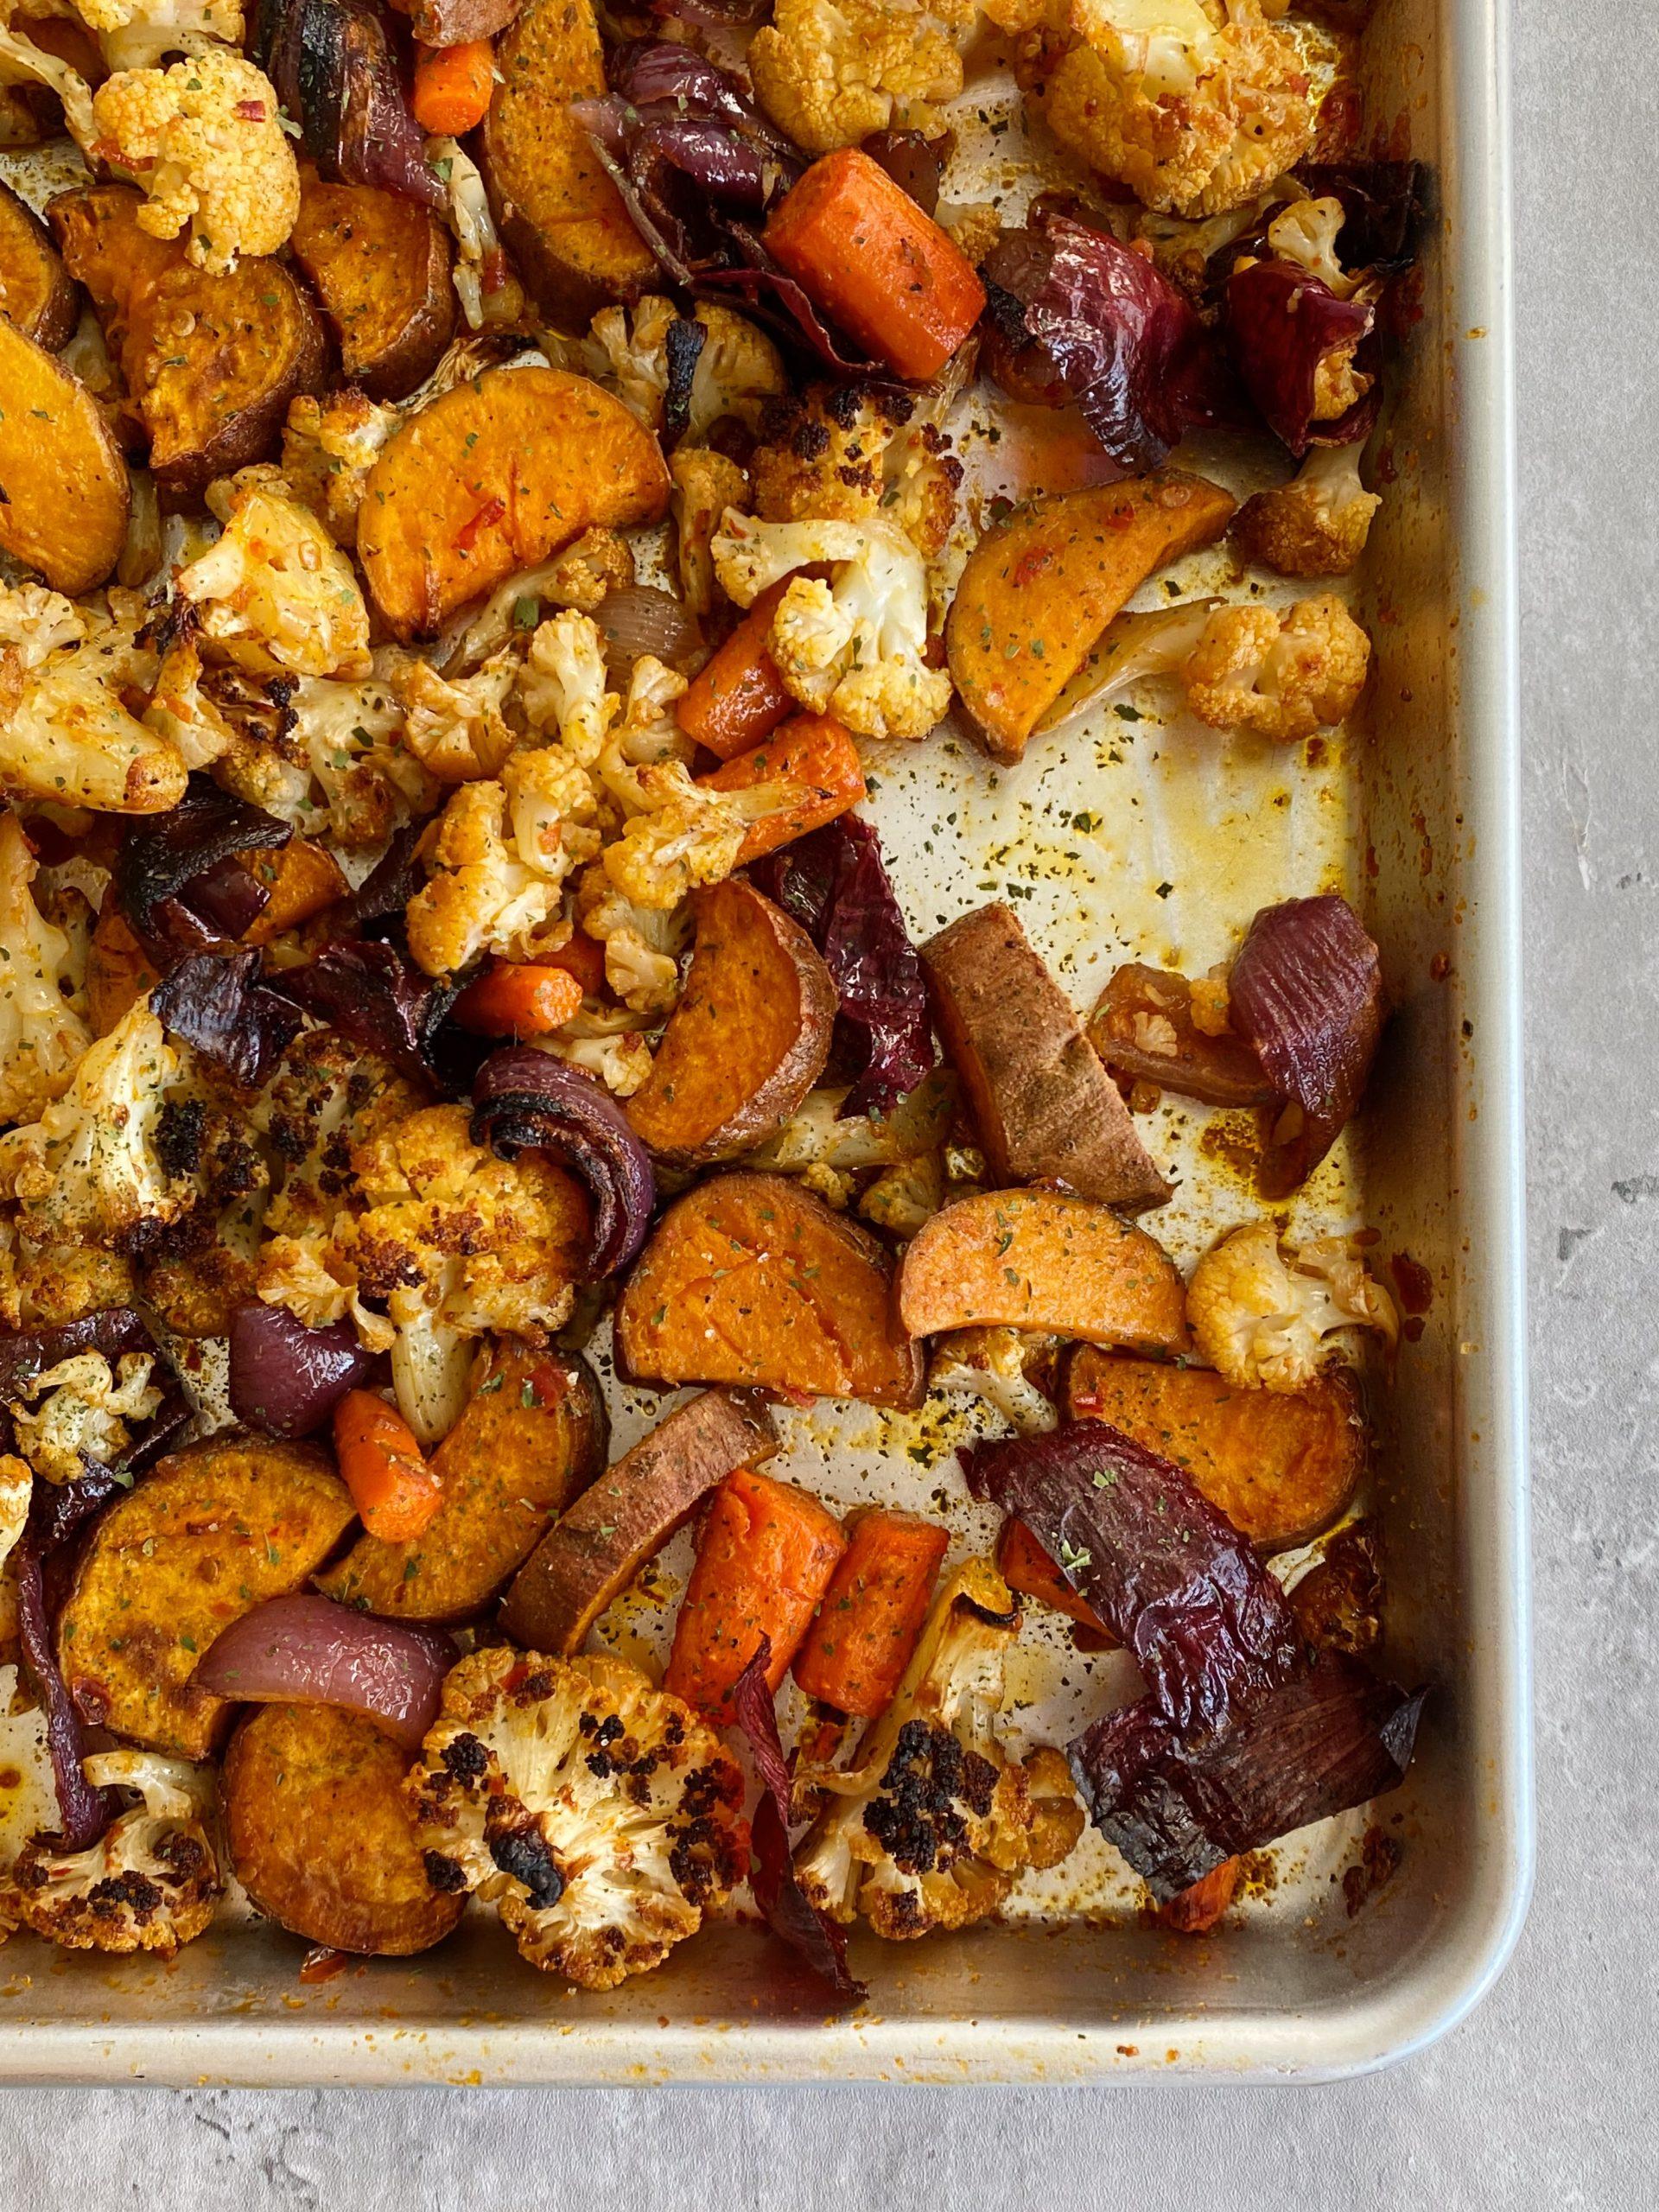 harissa roasted veggies